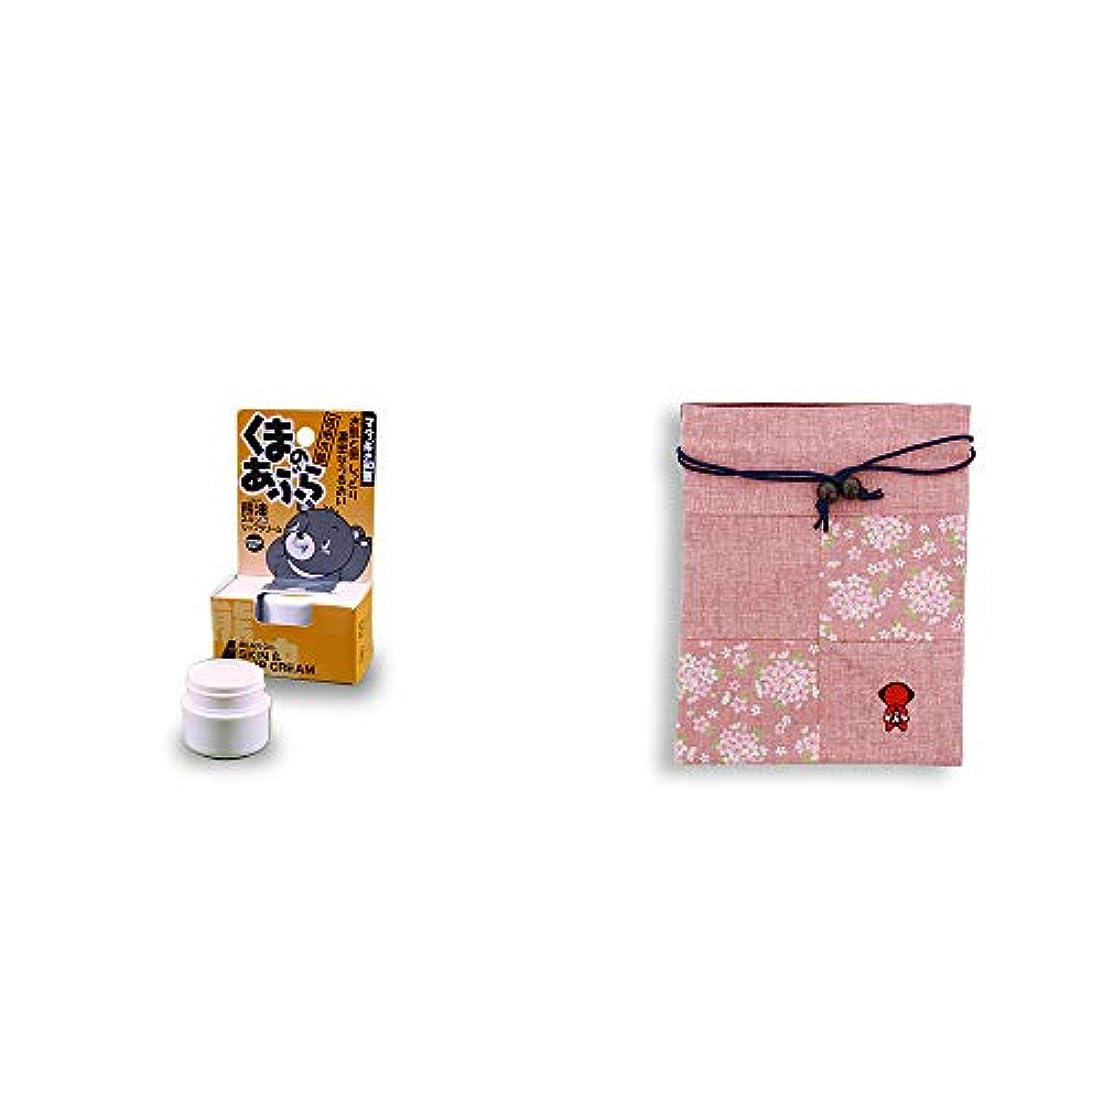 氏明らか盗賊[2点セット] 信州木曽 くまのあぶら 熊油スキン&リップクリーム(9g)?おねがいさるぼぼ 巾着【ピンク】